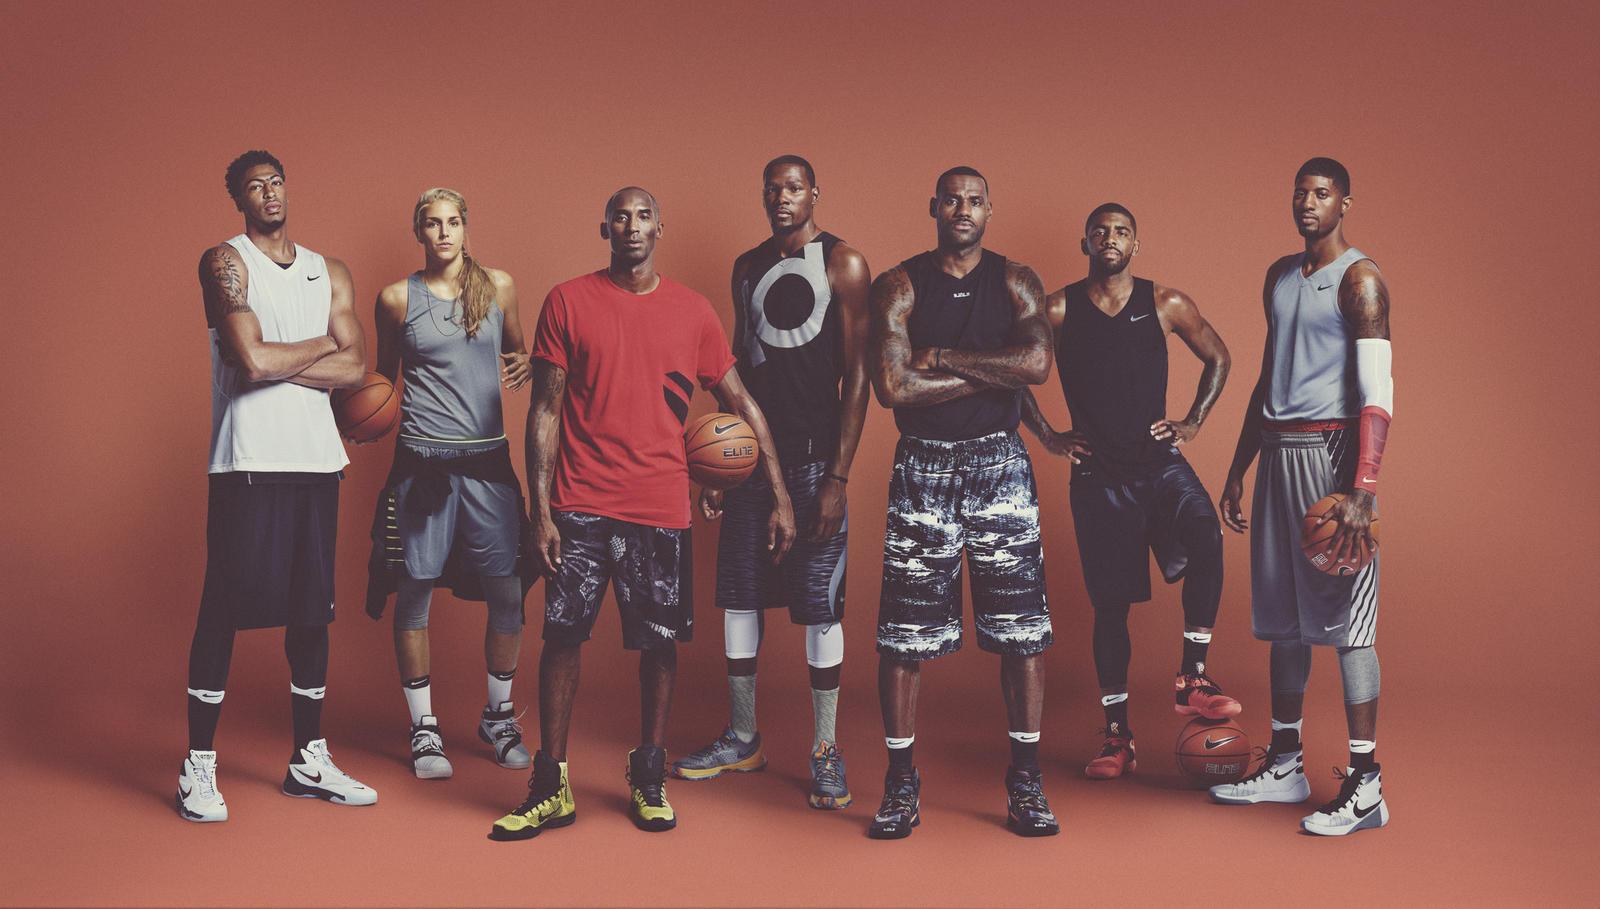 No Blueprint For Basketball - Nike News